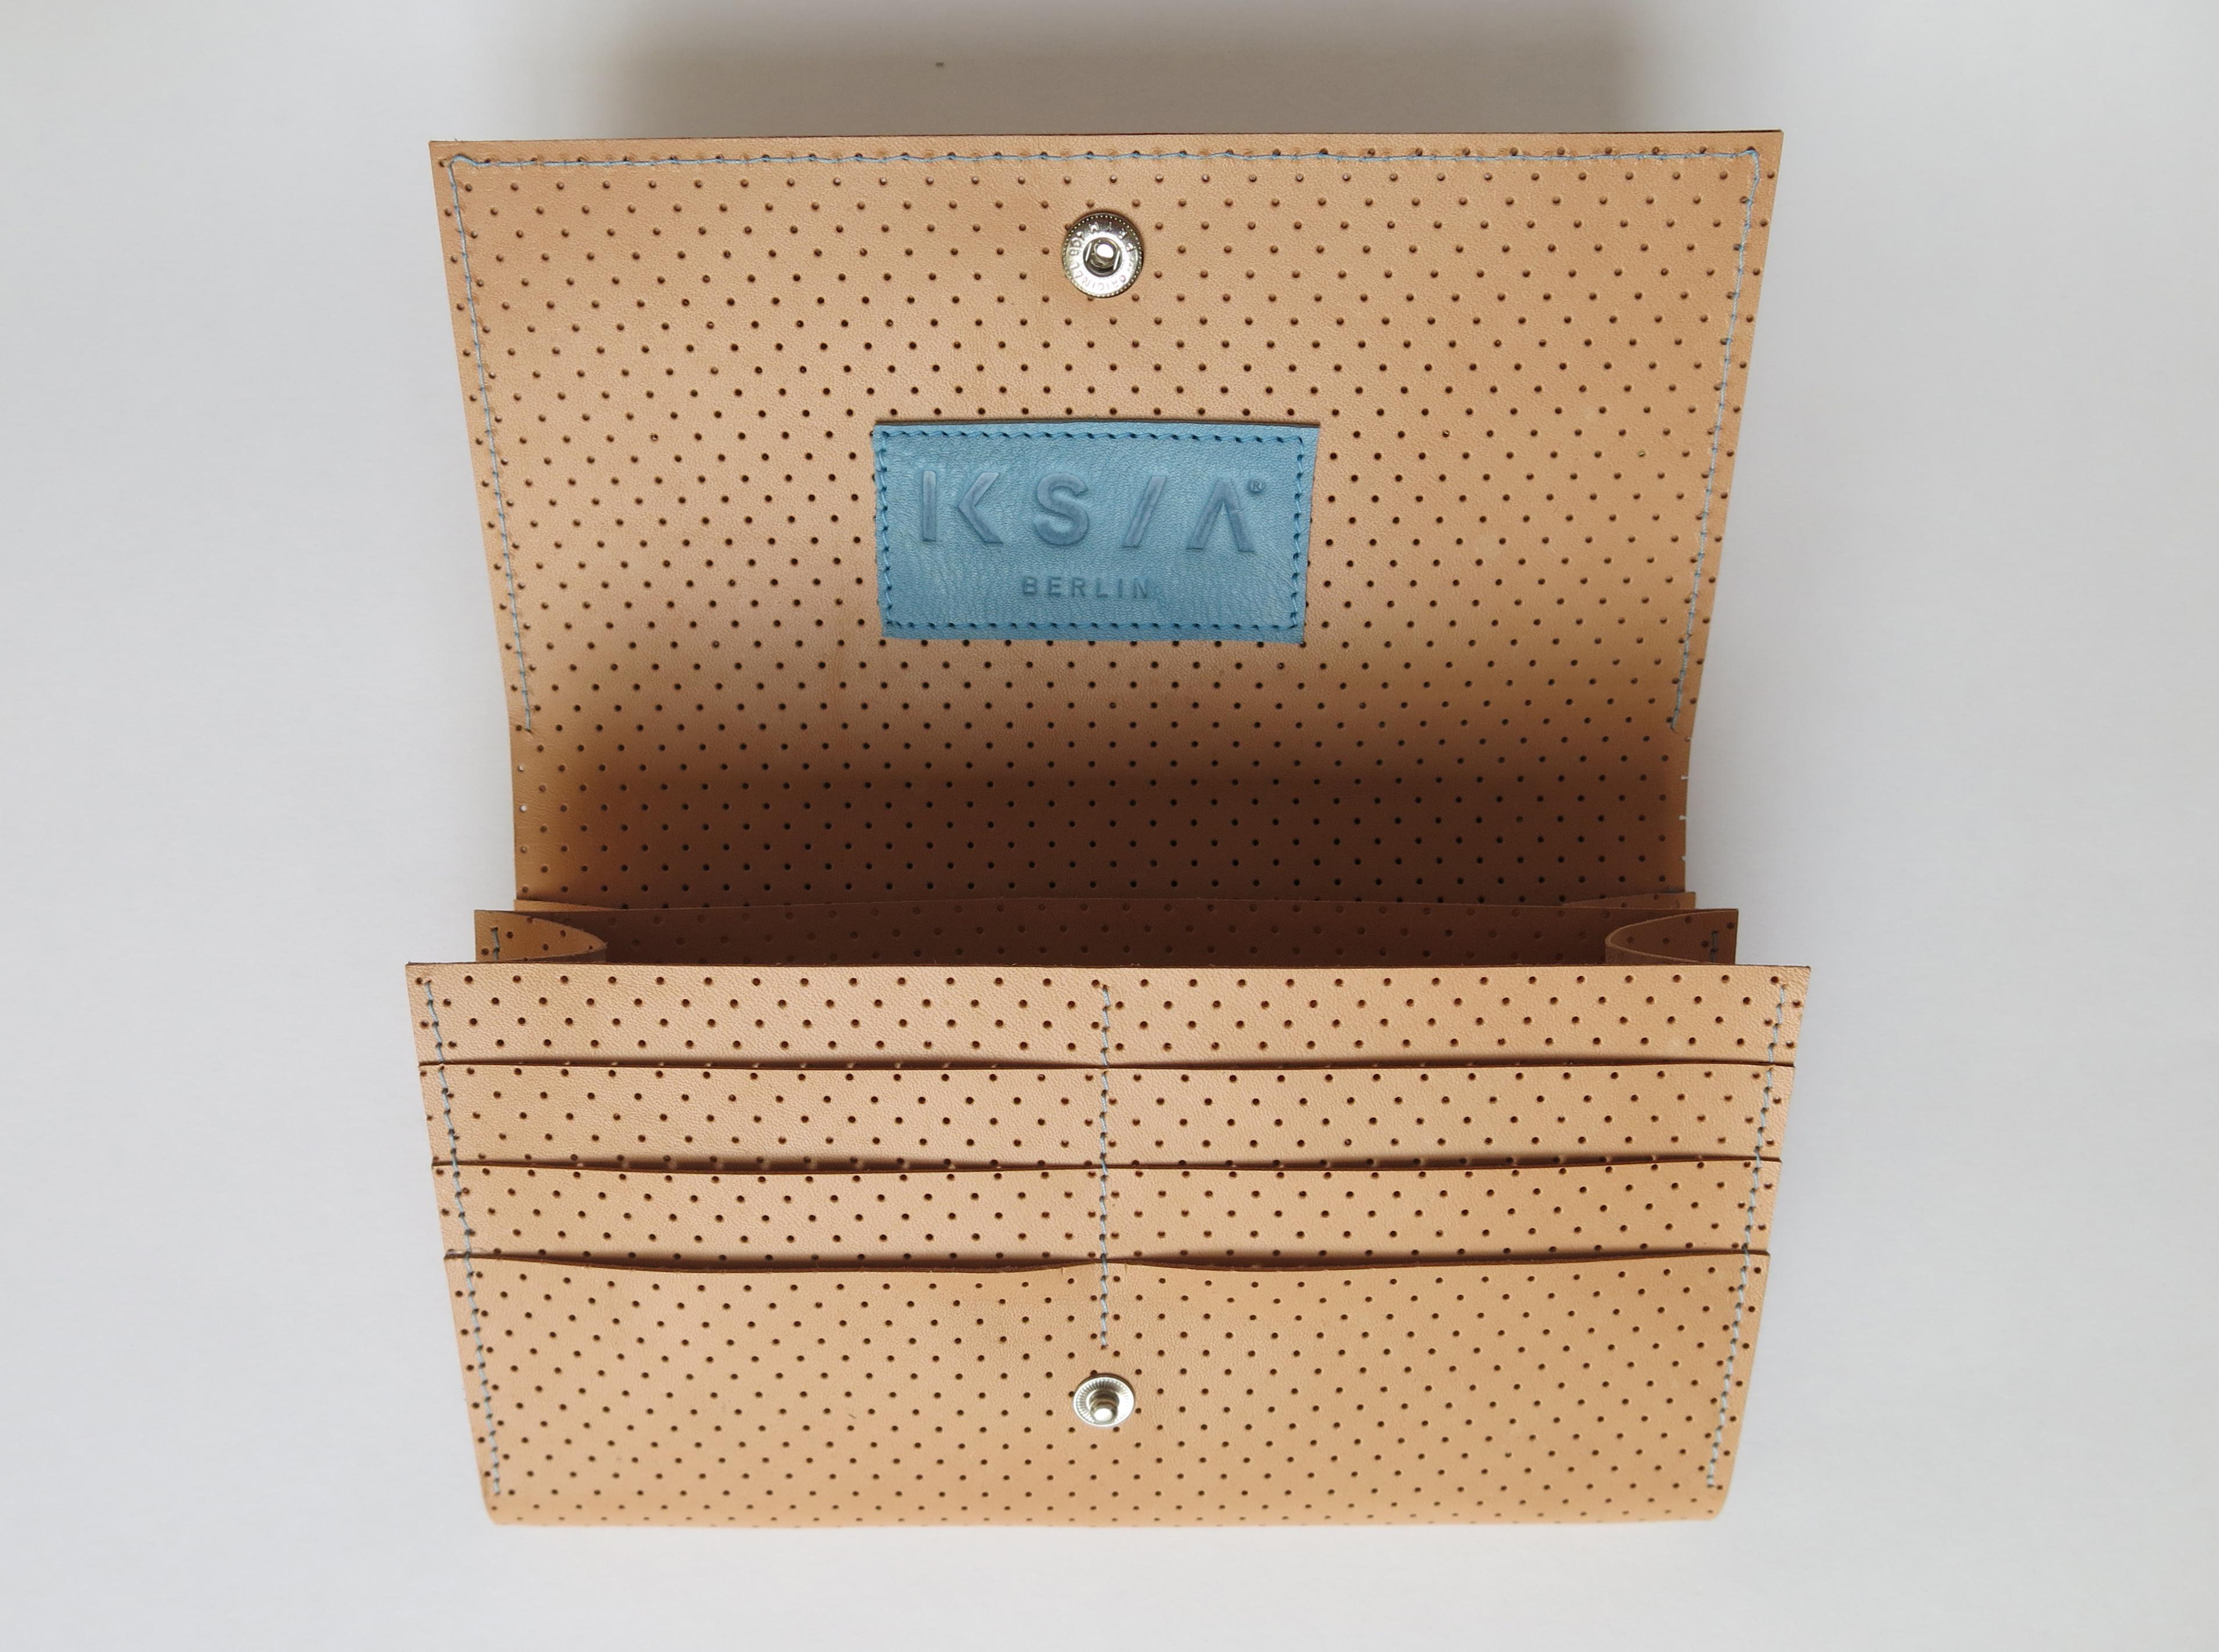 KSIA wallet L 01